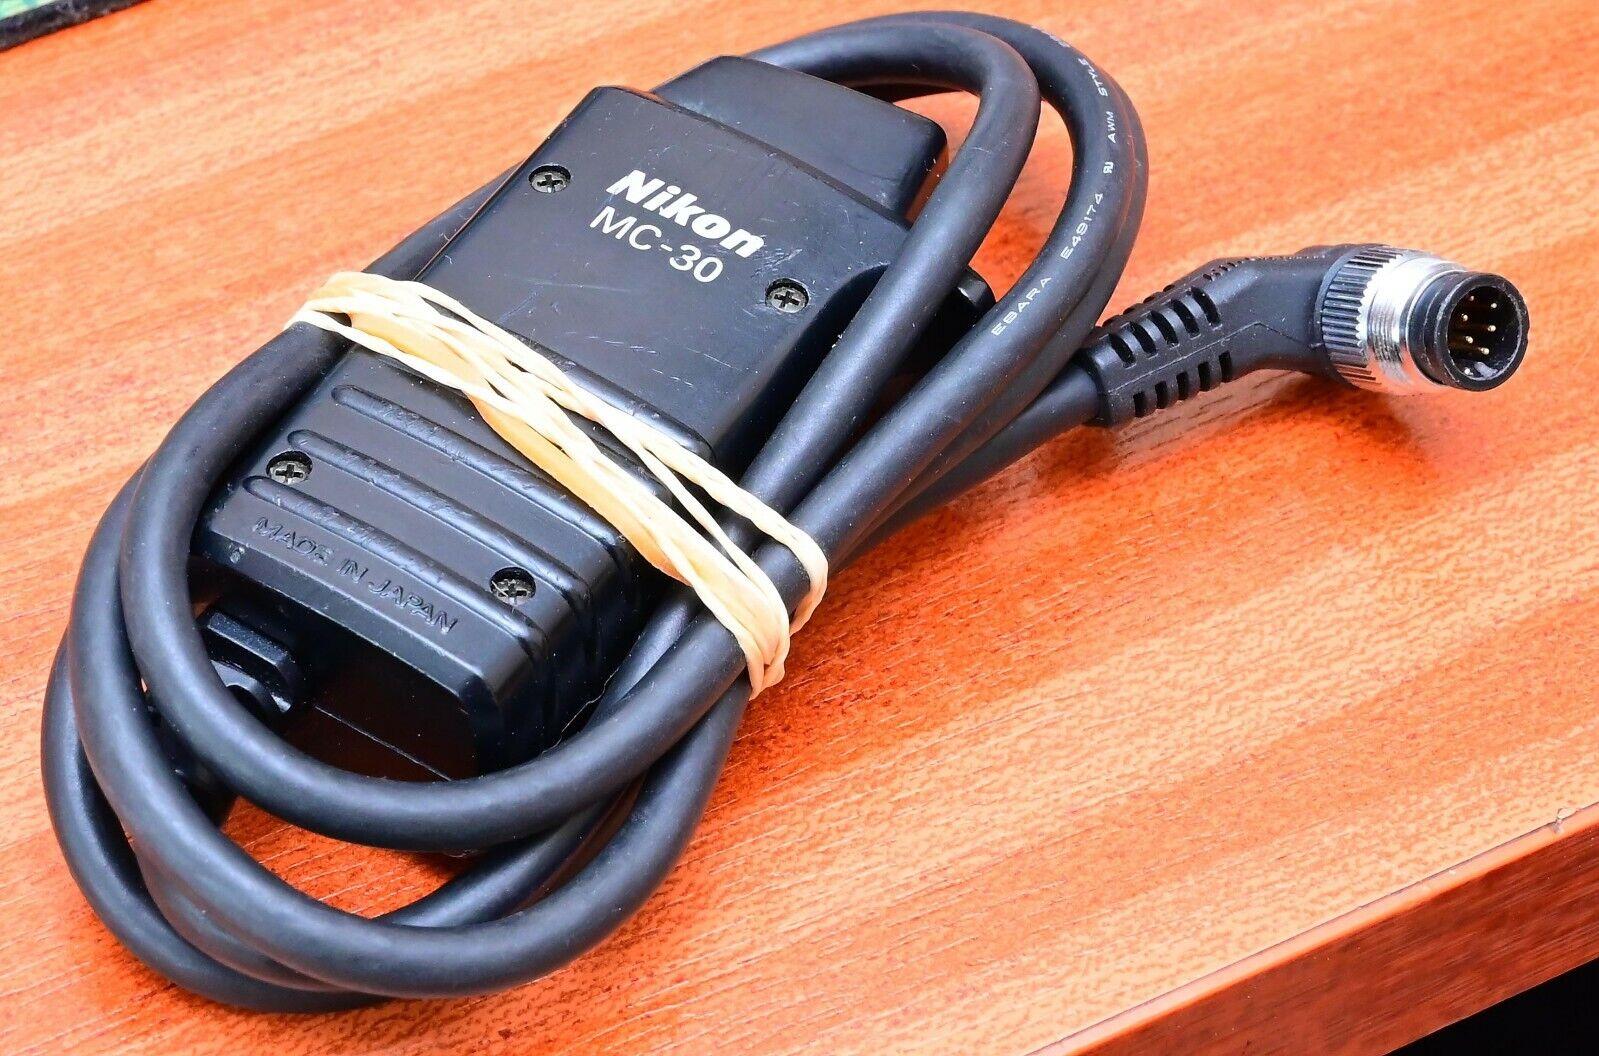 Nikon genuine MC-30 Remote Shutter Release in good condition